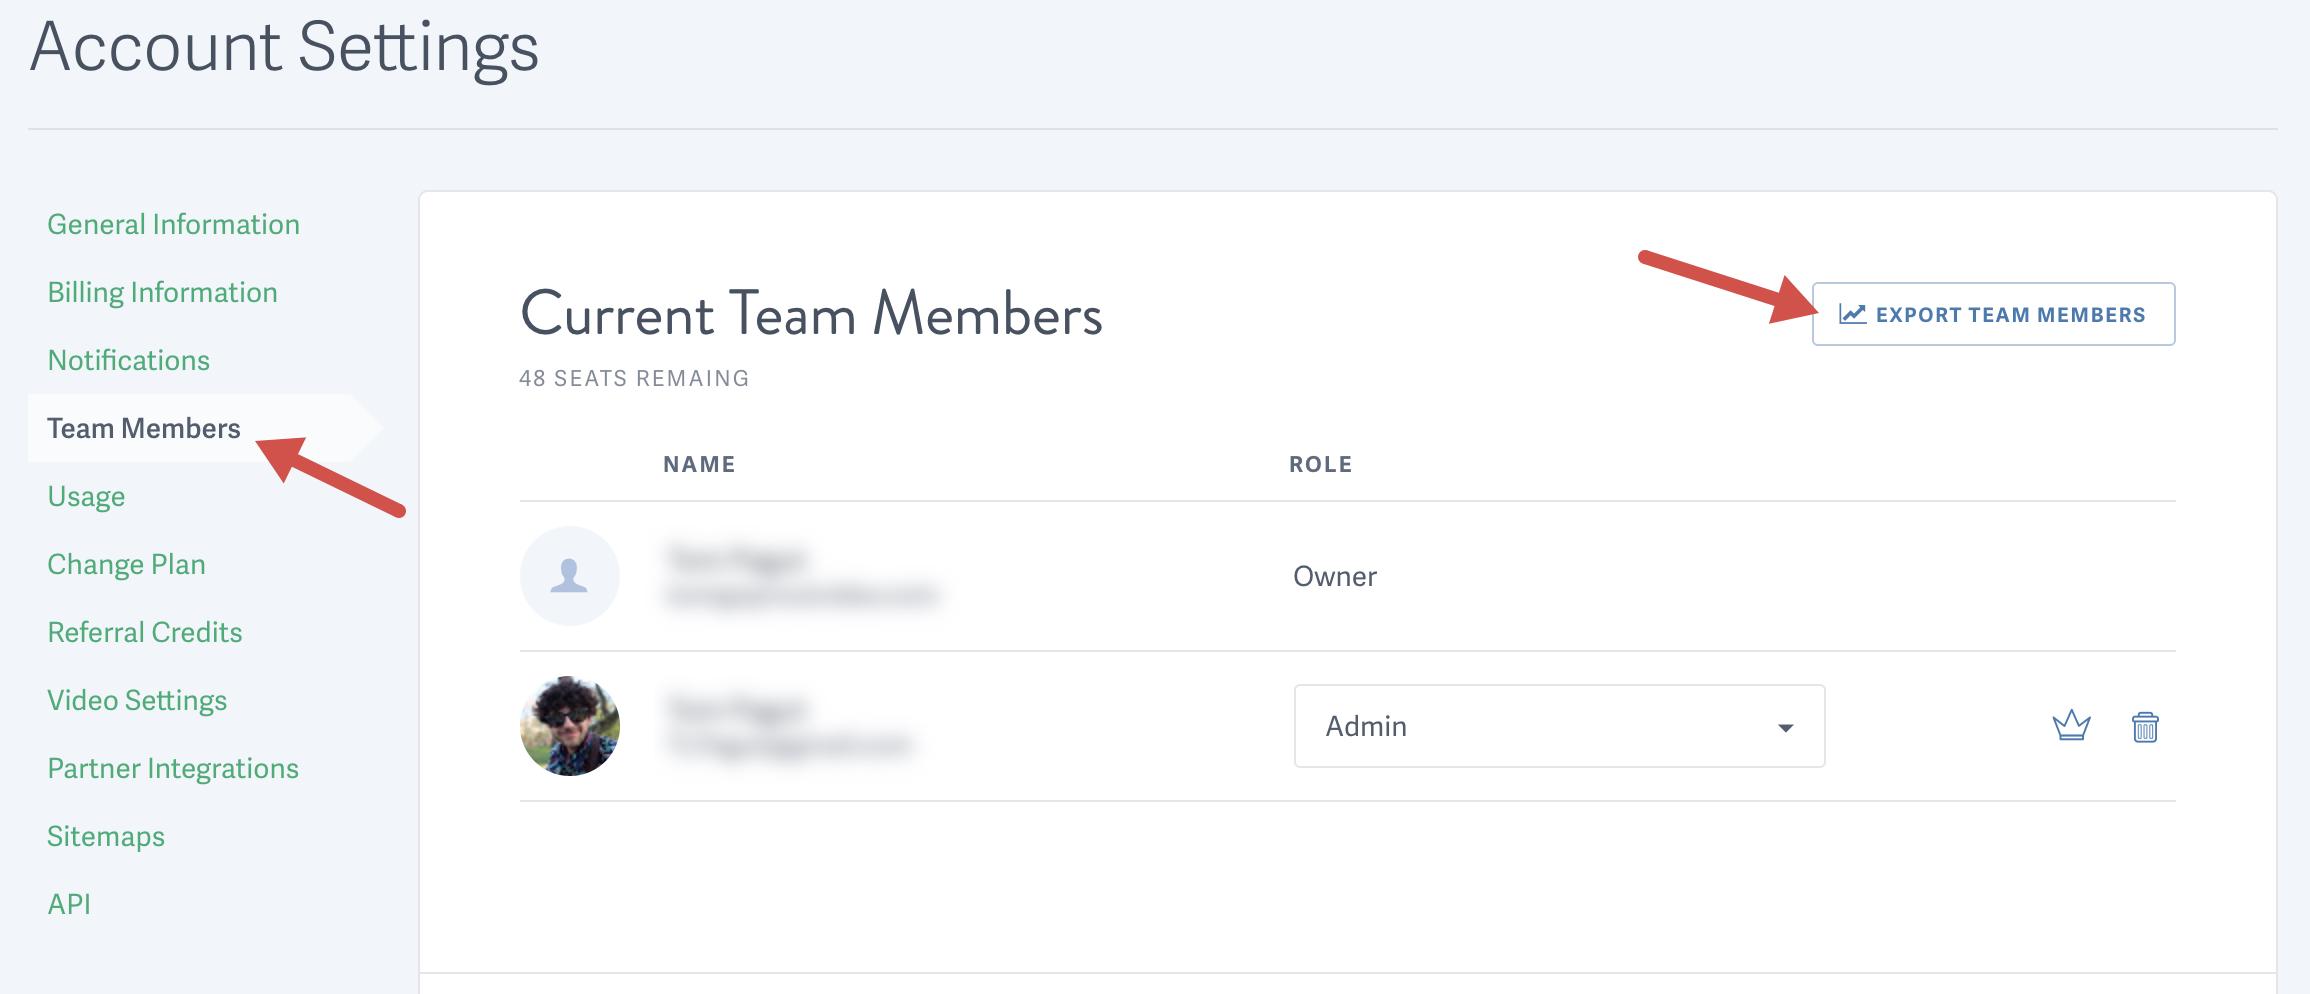 Export Team Members report